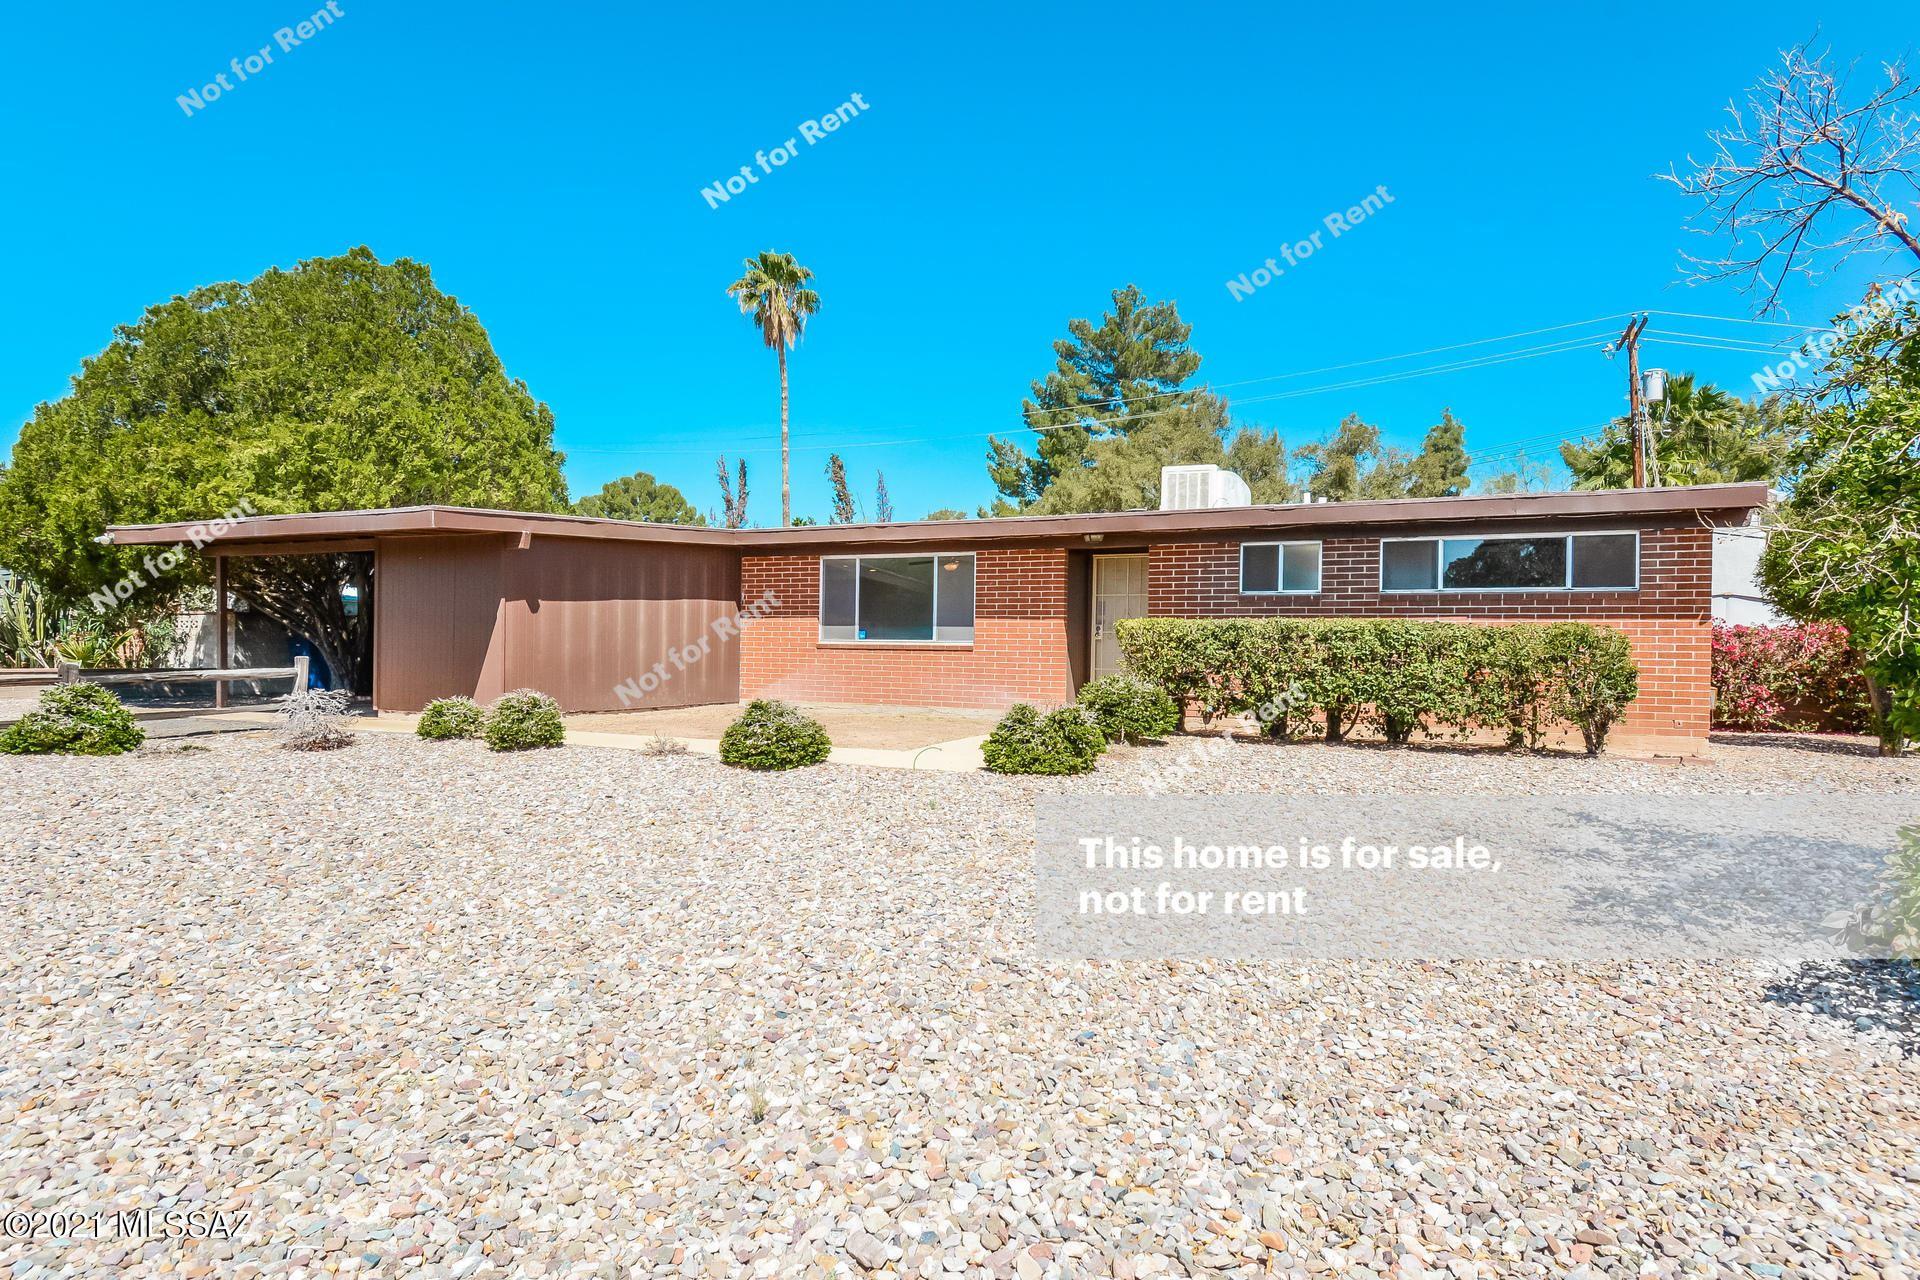 7301 E Pierce Street, Tucson, AZ 85710 - MLS#: 22111860